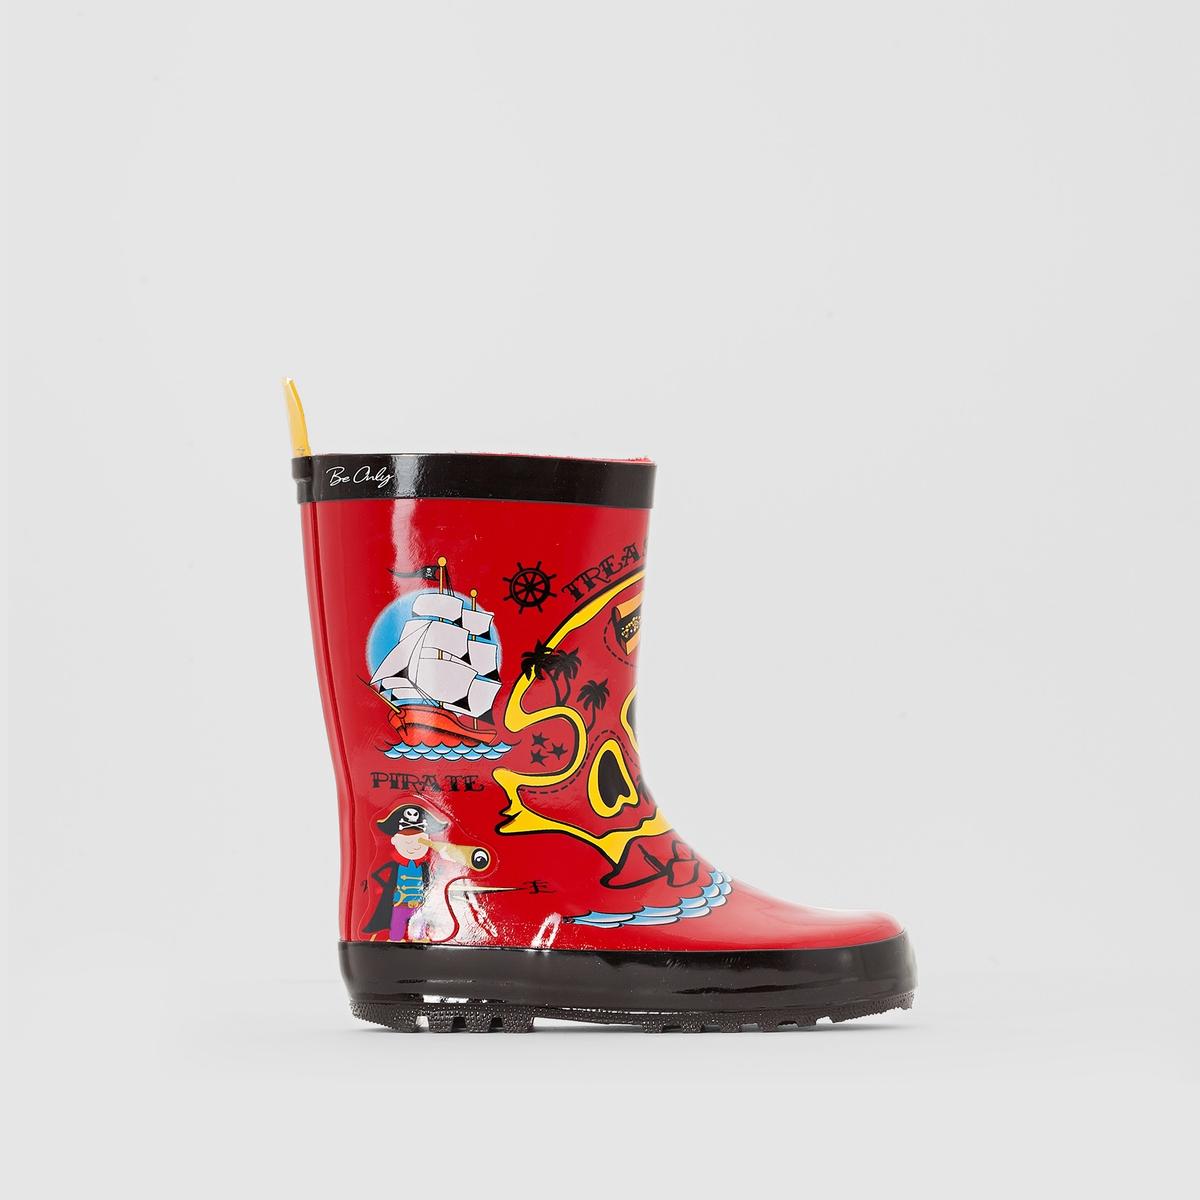 СапогиПодкладка: текстиль       Стелька: текстиль       Подошва: каучук       Высота каблука: 16,5 см       Форма каблука: широкий       Мысок: закругленный       Застежка: без застежки<br><br>Цвет: красный